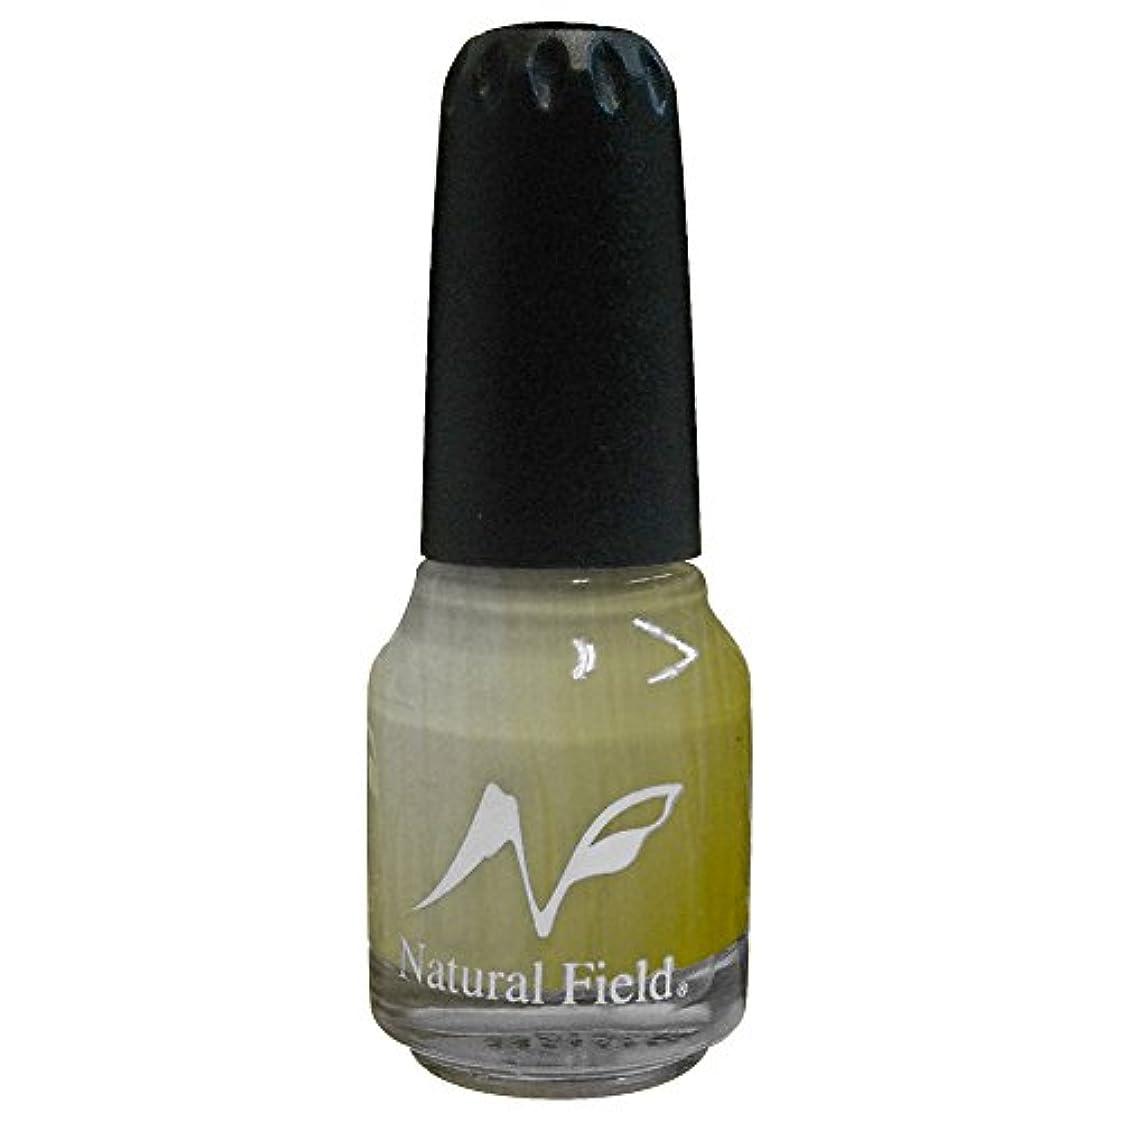 ニックネーム選挙血色の良いNatural Field ネイルポリッシュ パールカラー 2048 R10 12ml